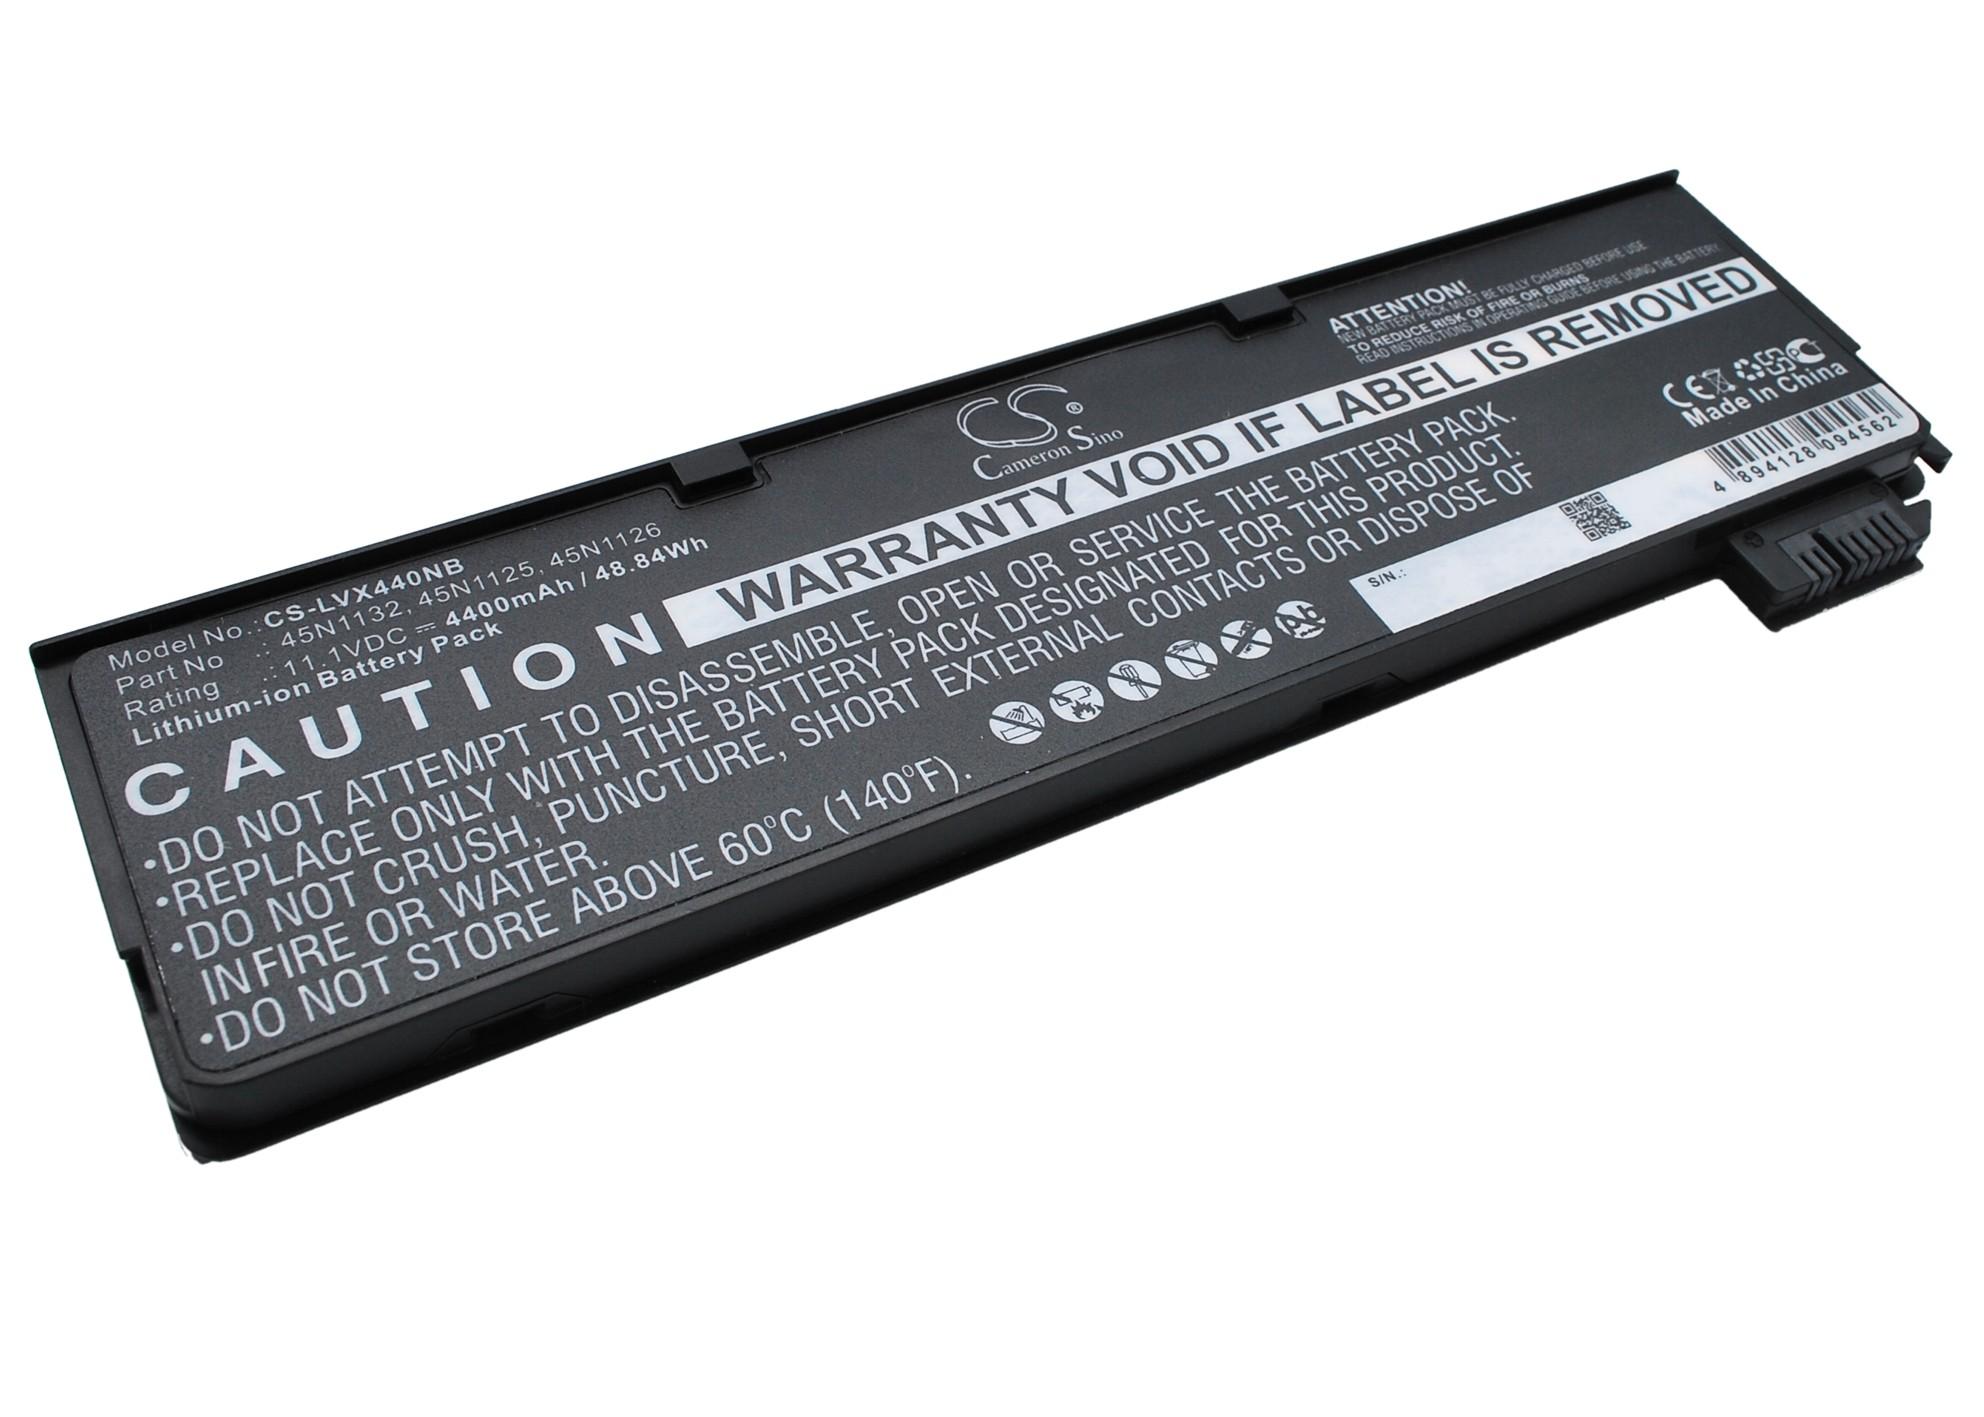 Cameron Sino baterie do notebooků pro LENOVO ThinkPad T440S 11.1V Li-ion 4400mAh černá - neoriginální